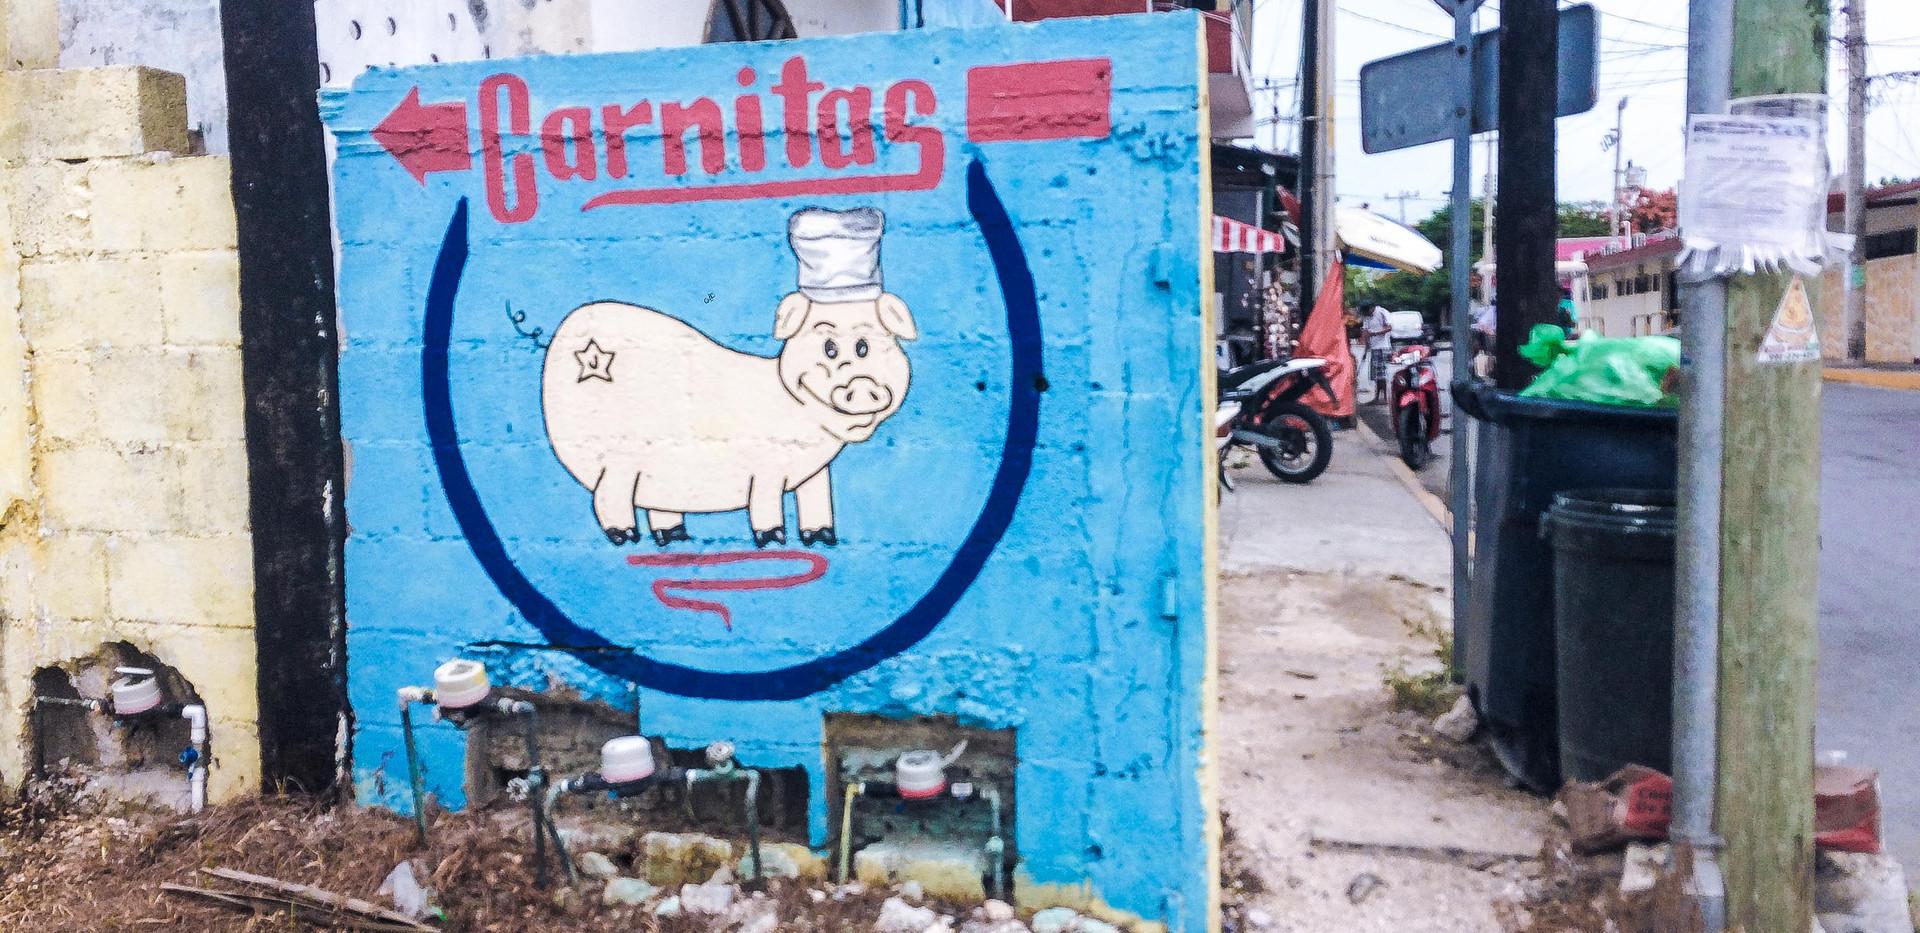 CarnitasLaNuevaEsperanza4-tasteofisla-is